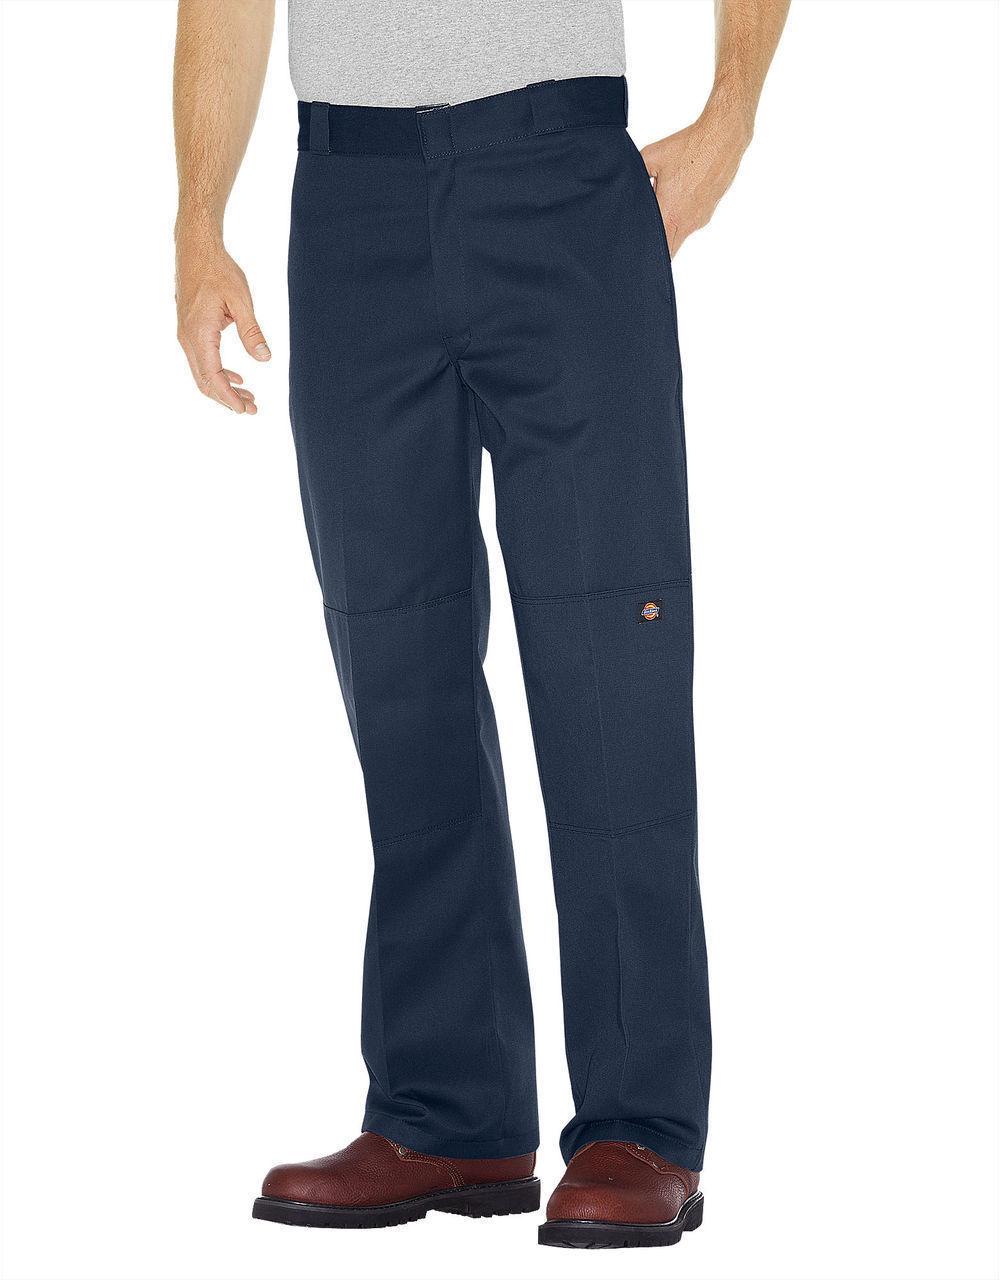 Dickies Original Loose Fit Double Knee Work Pants - Navy - $27.71 - $32.66